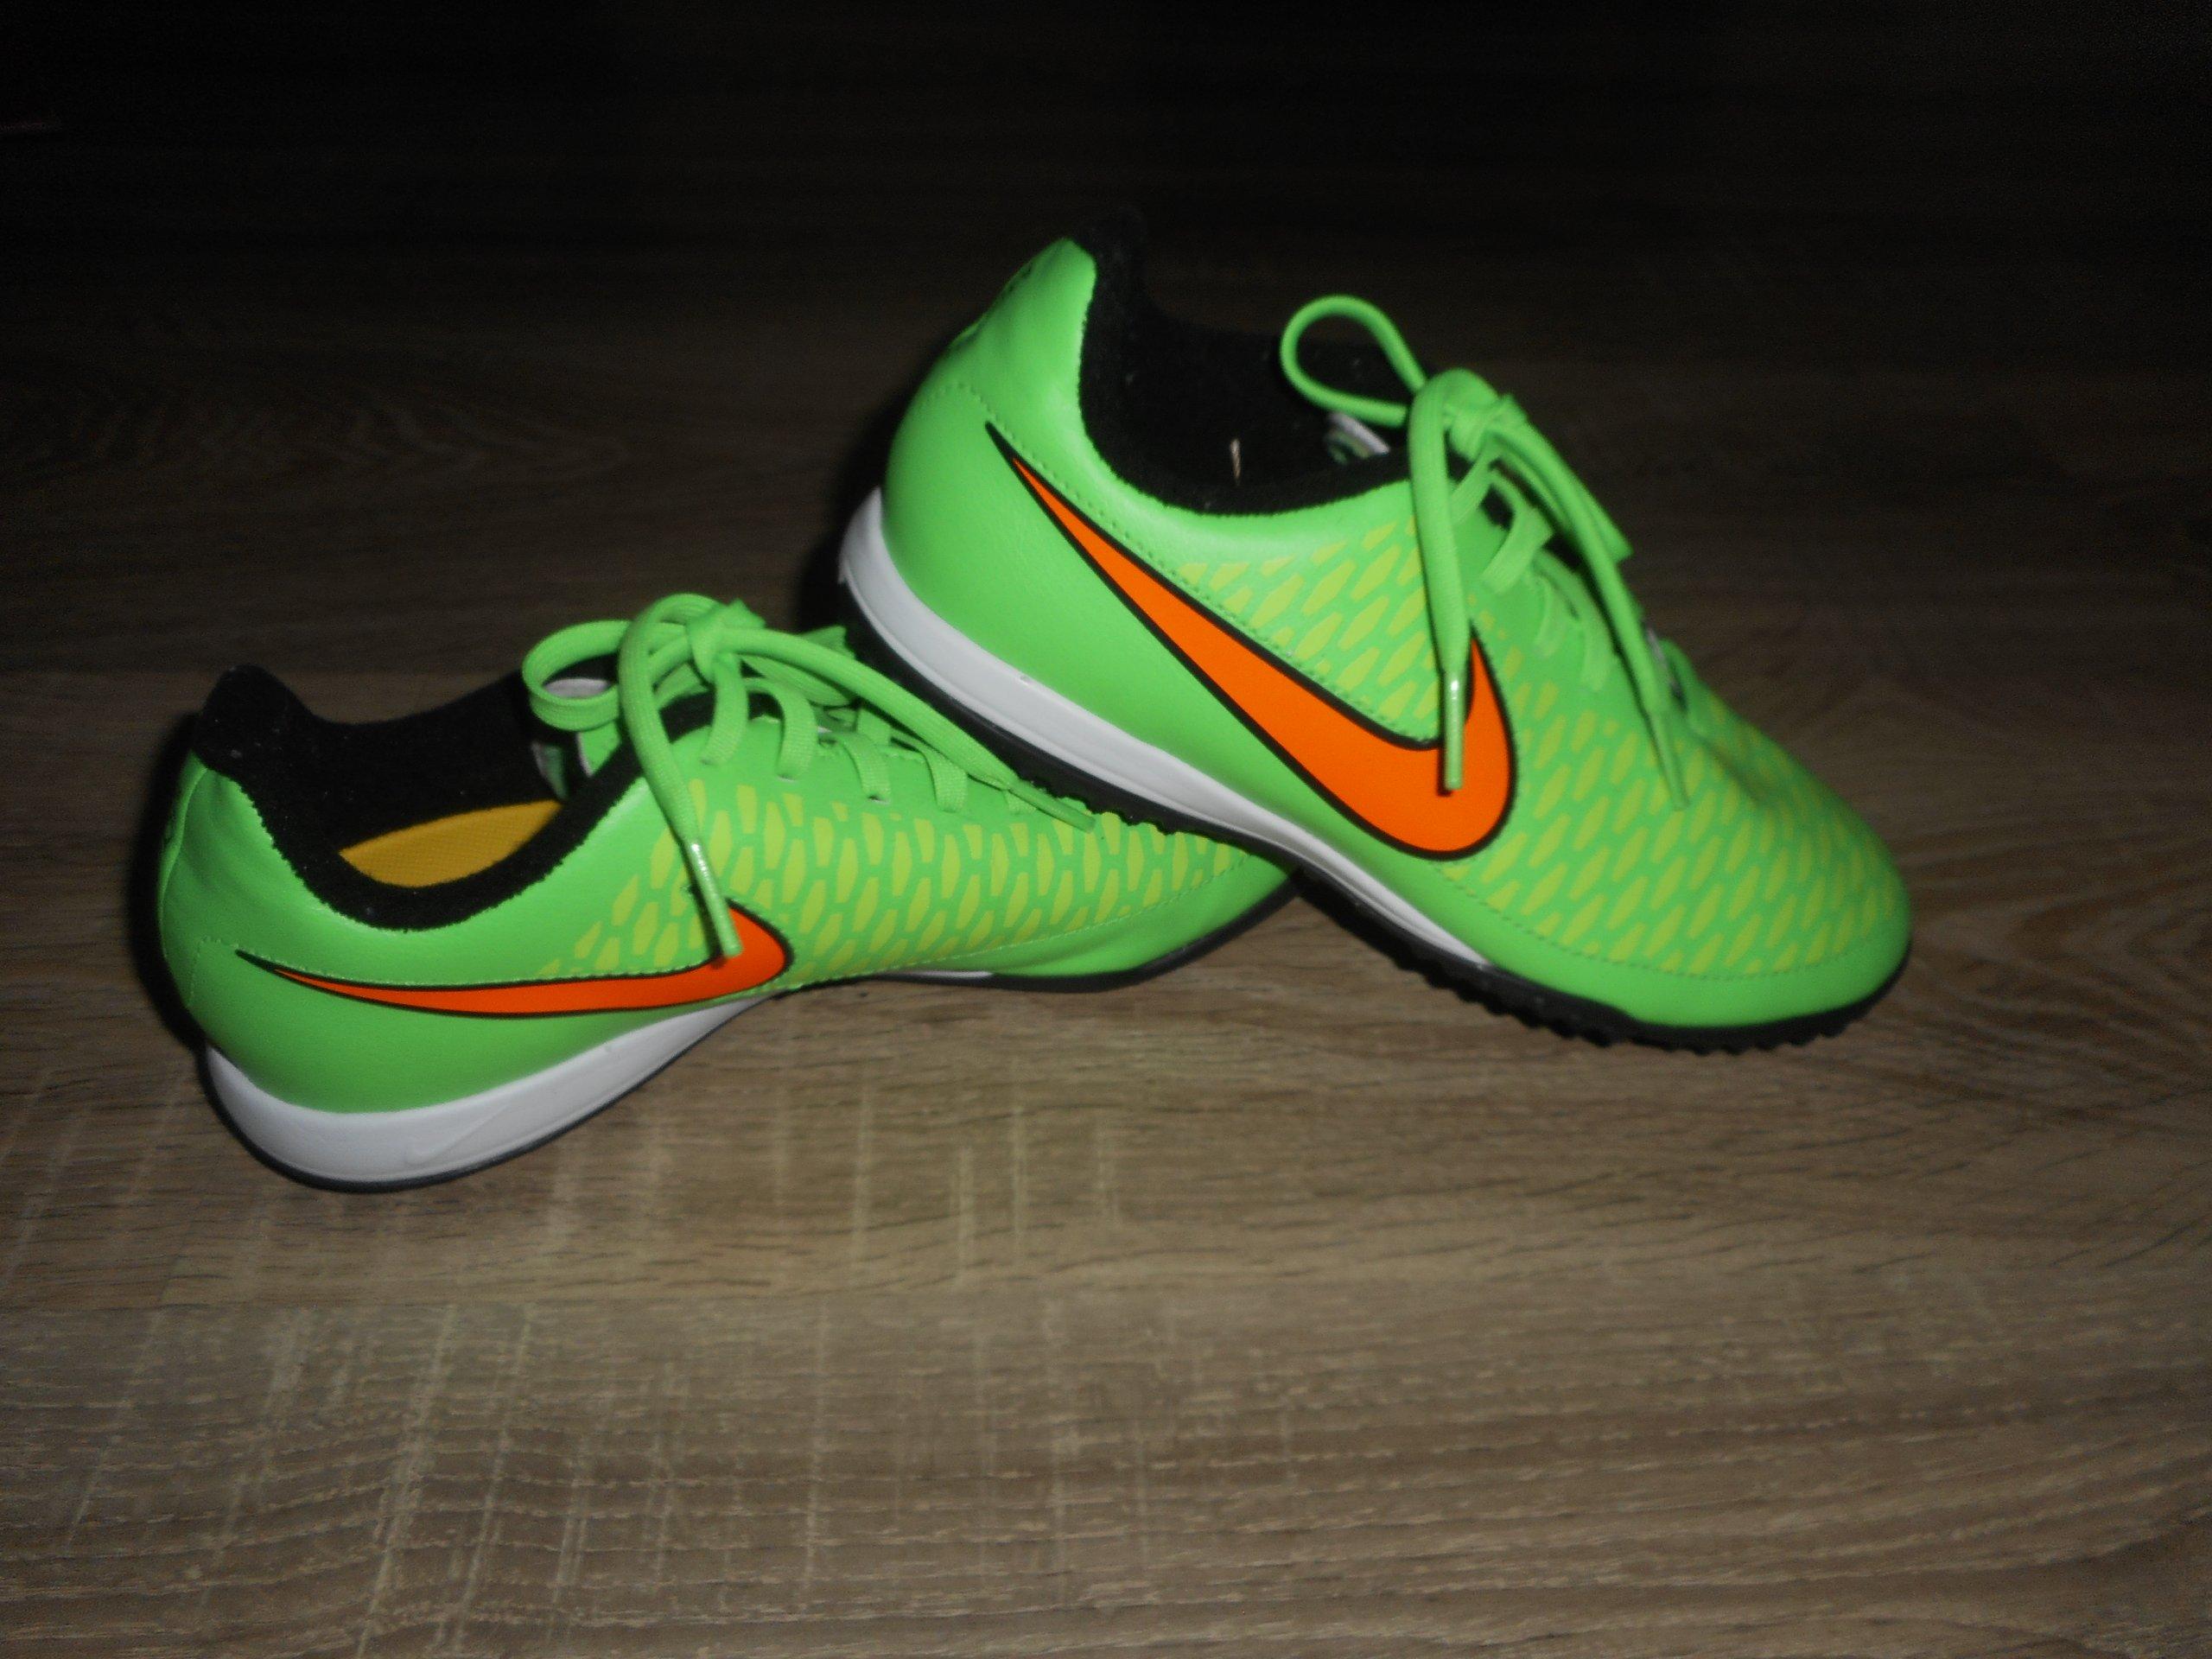 77c66859e buty do piłki nożnej NIKE JR. SUPPORT MAGISTA 36,5 - 7473361563 ...